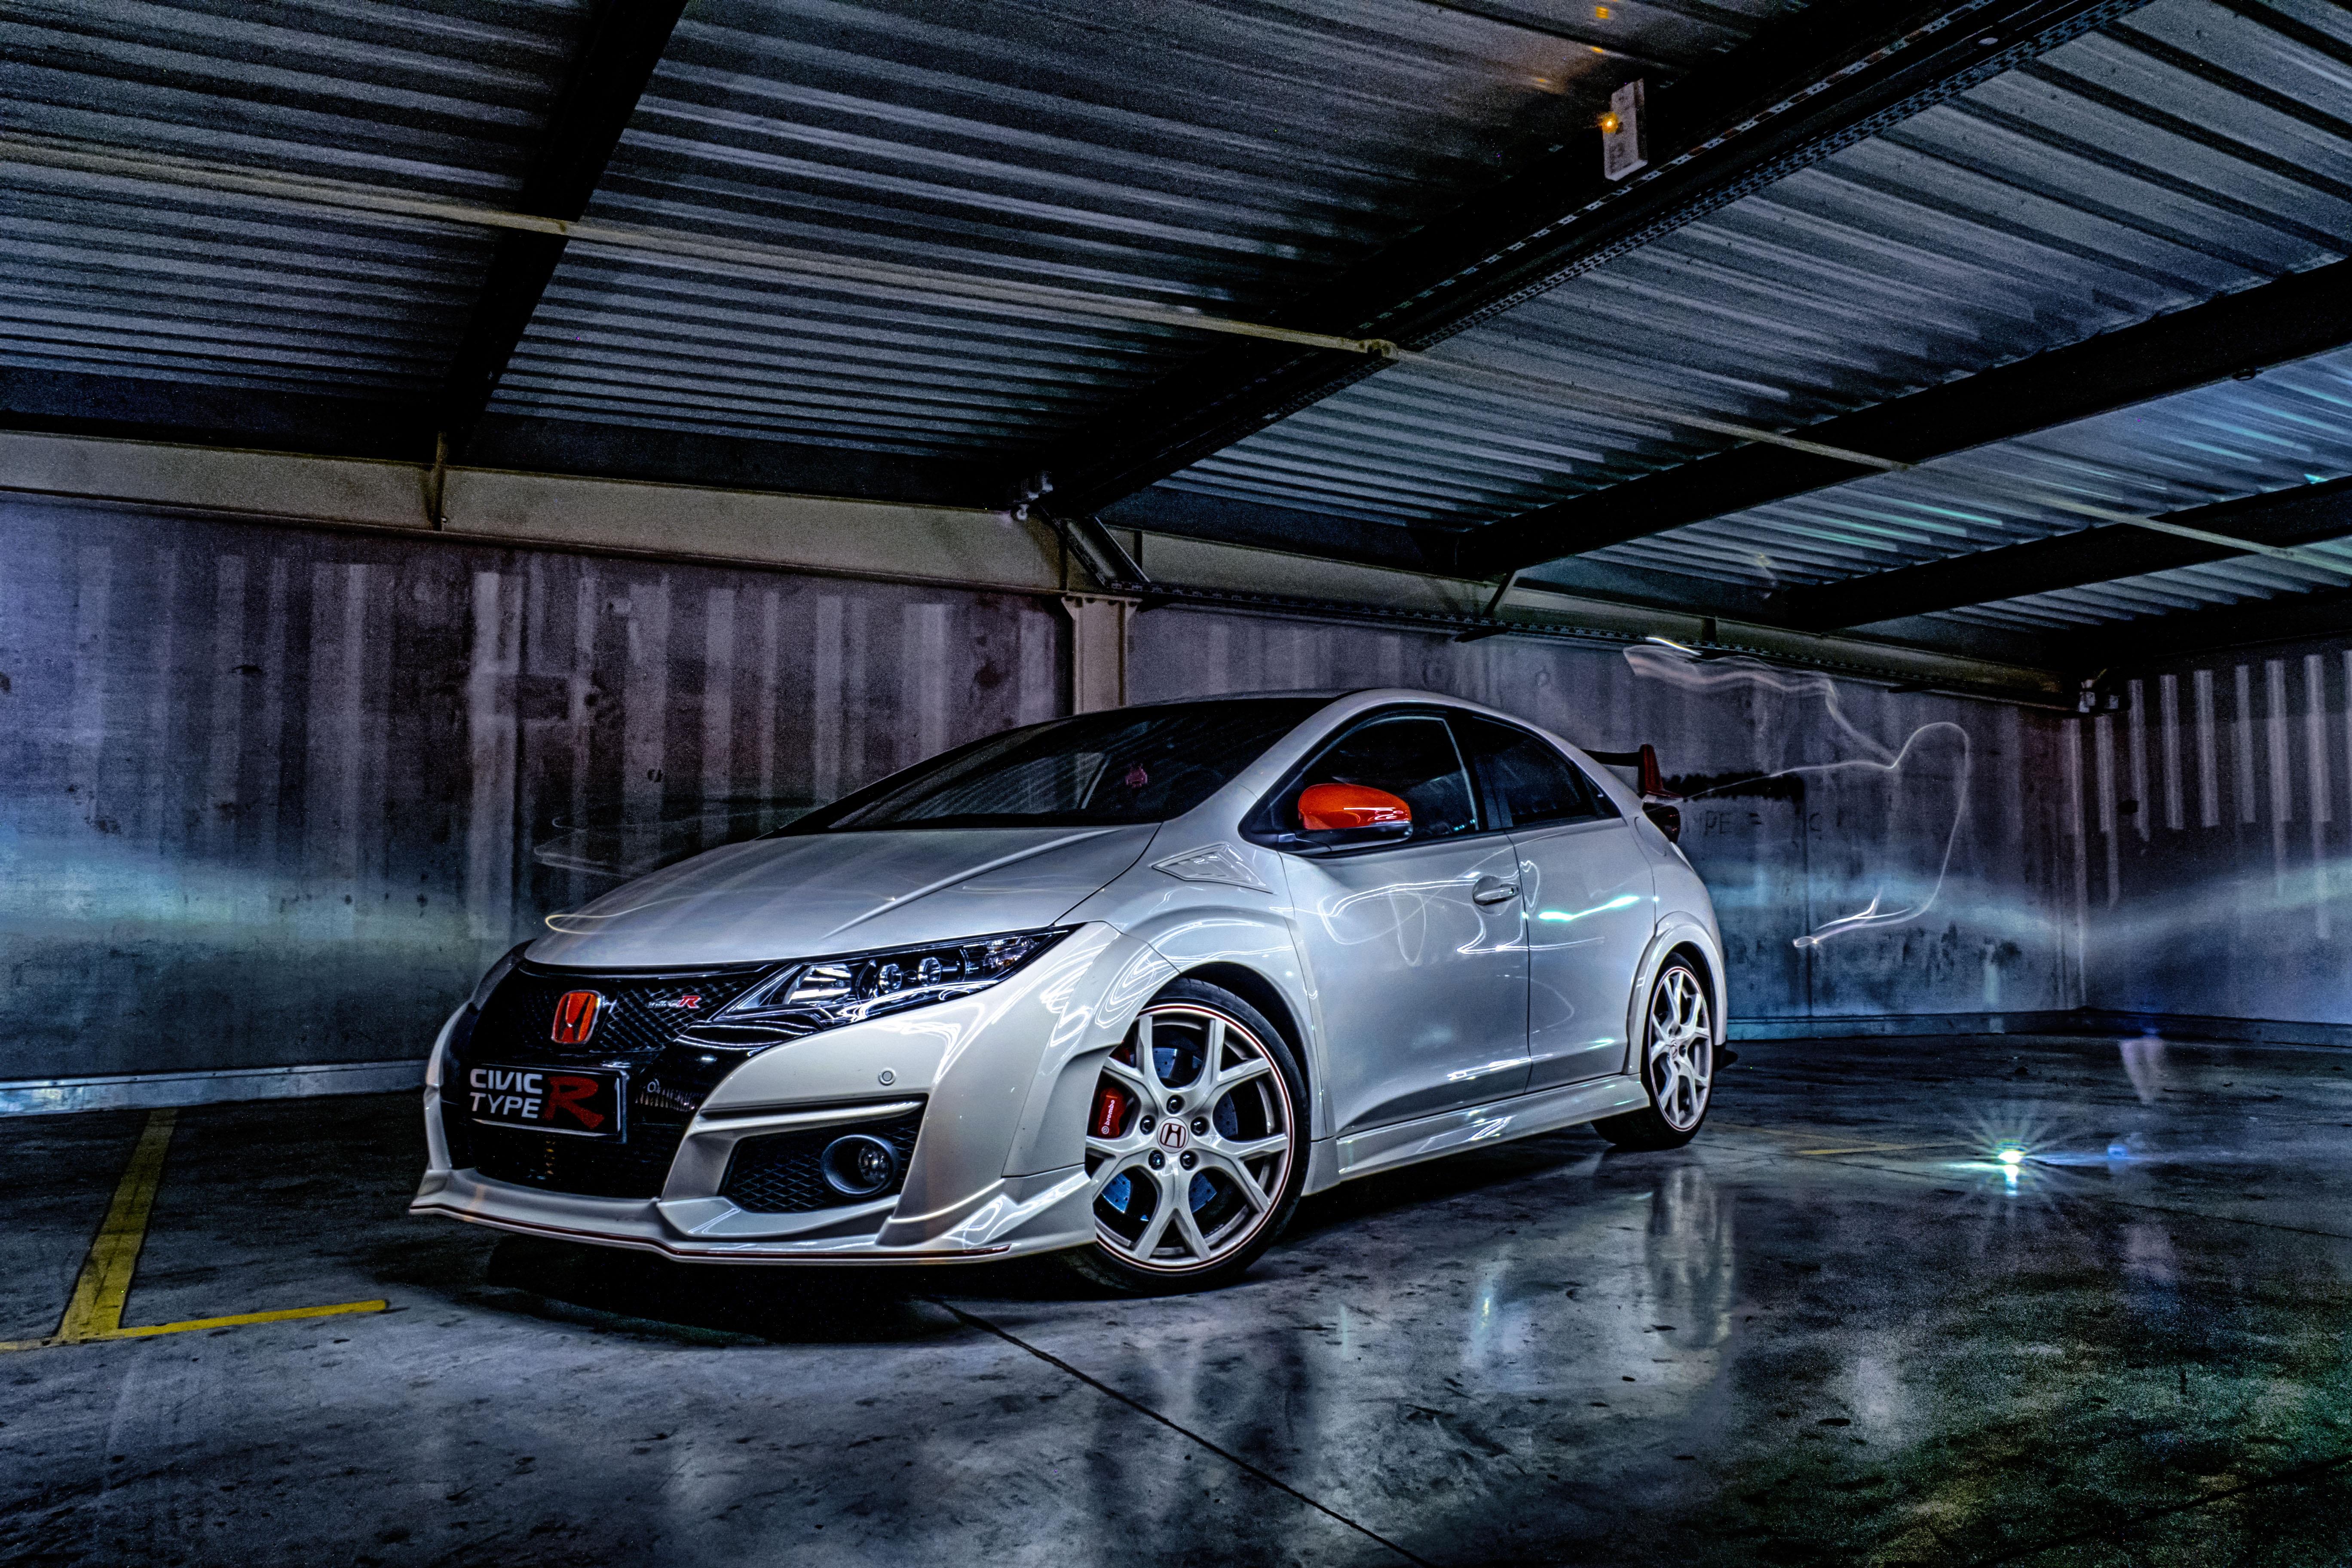 silver Honda 3-door hatchback inside gray garage